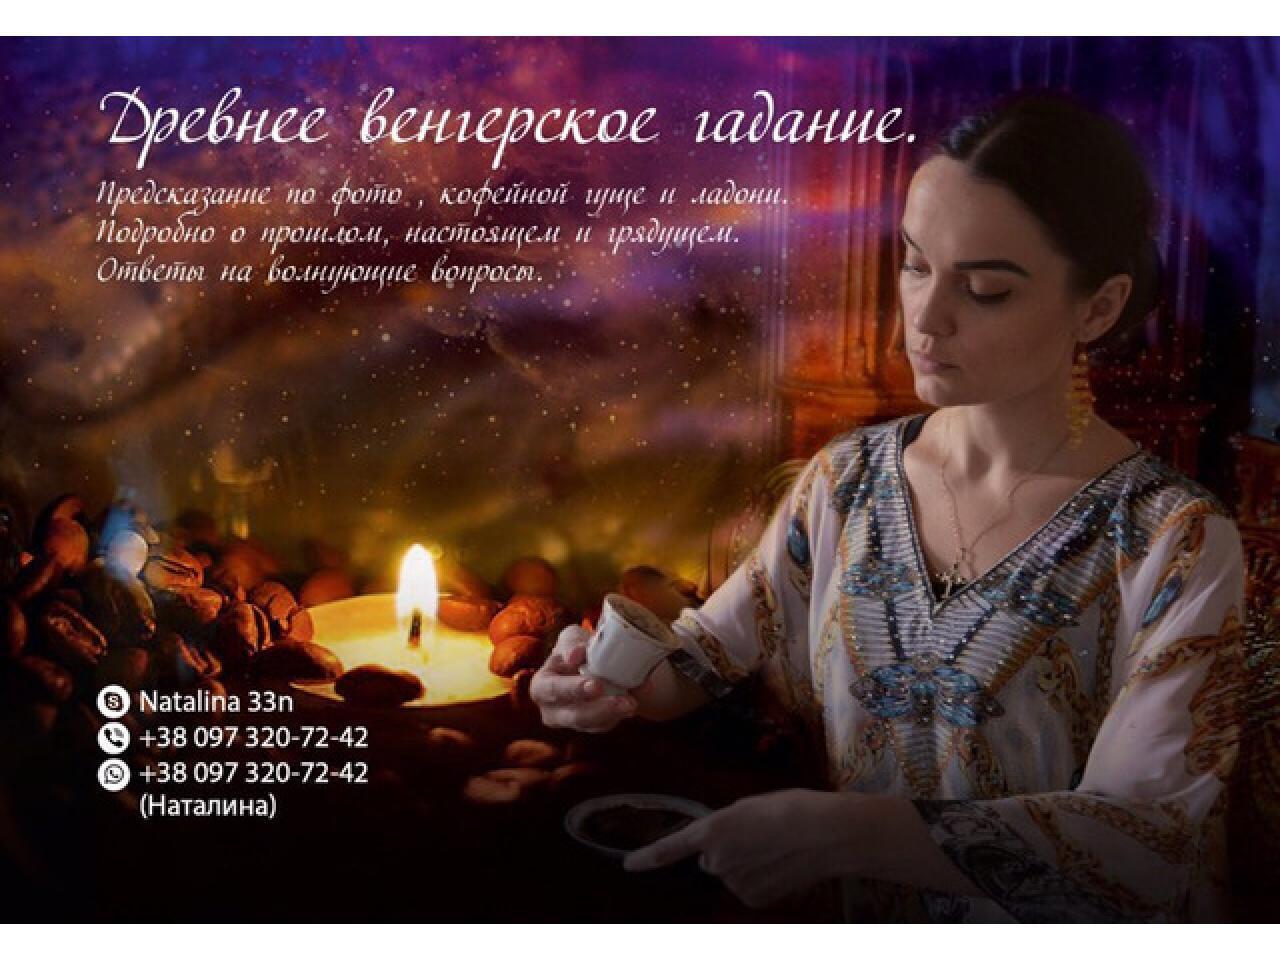 Древнее Гадание по Фото-без предоплаты - 1/1